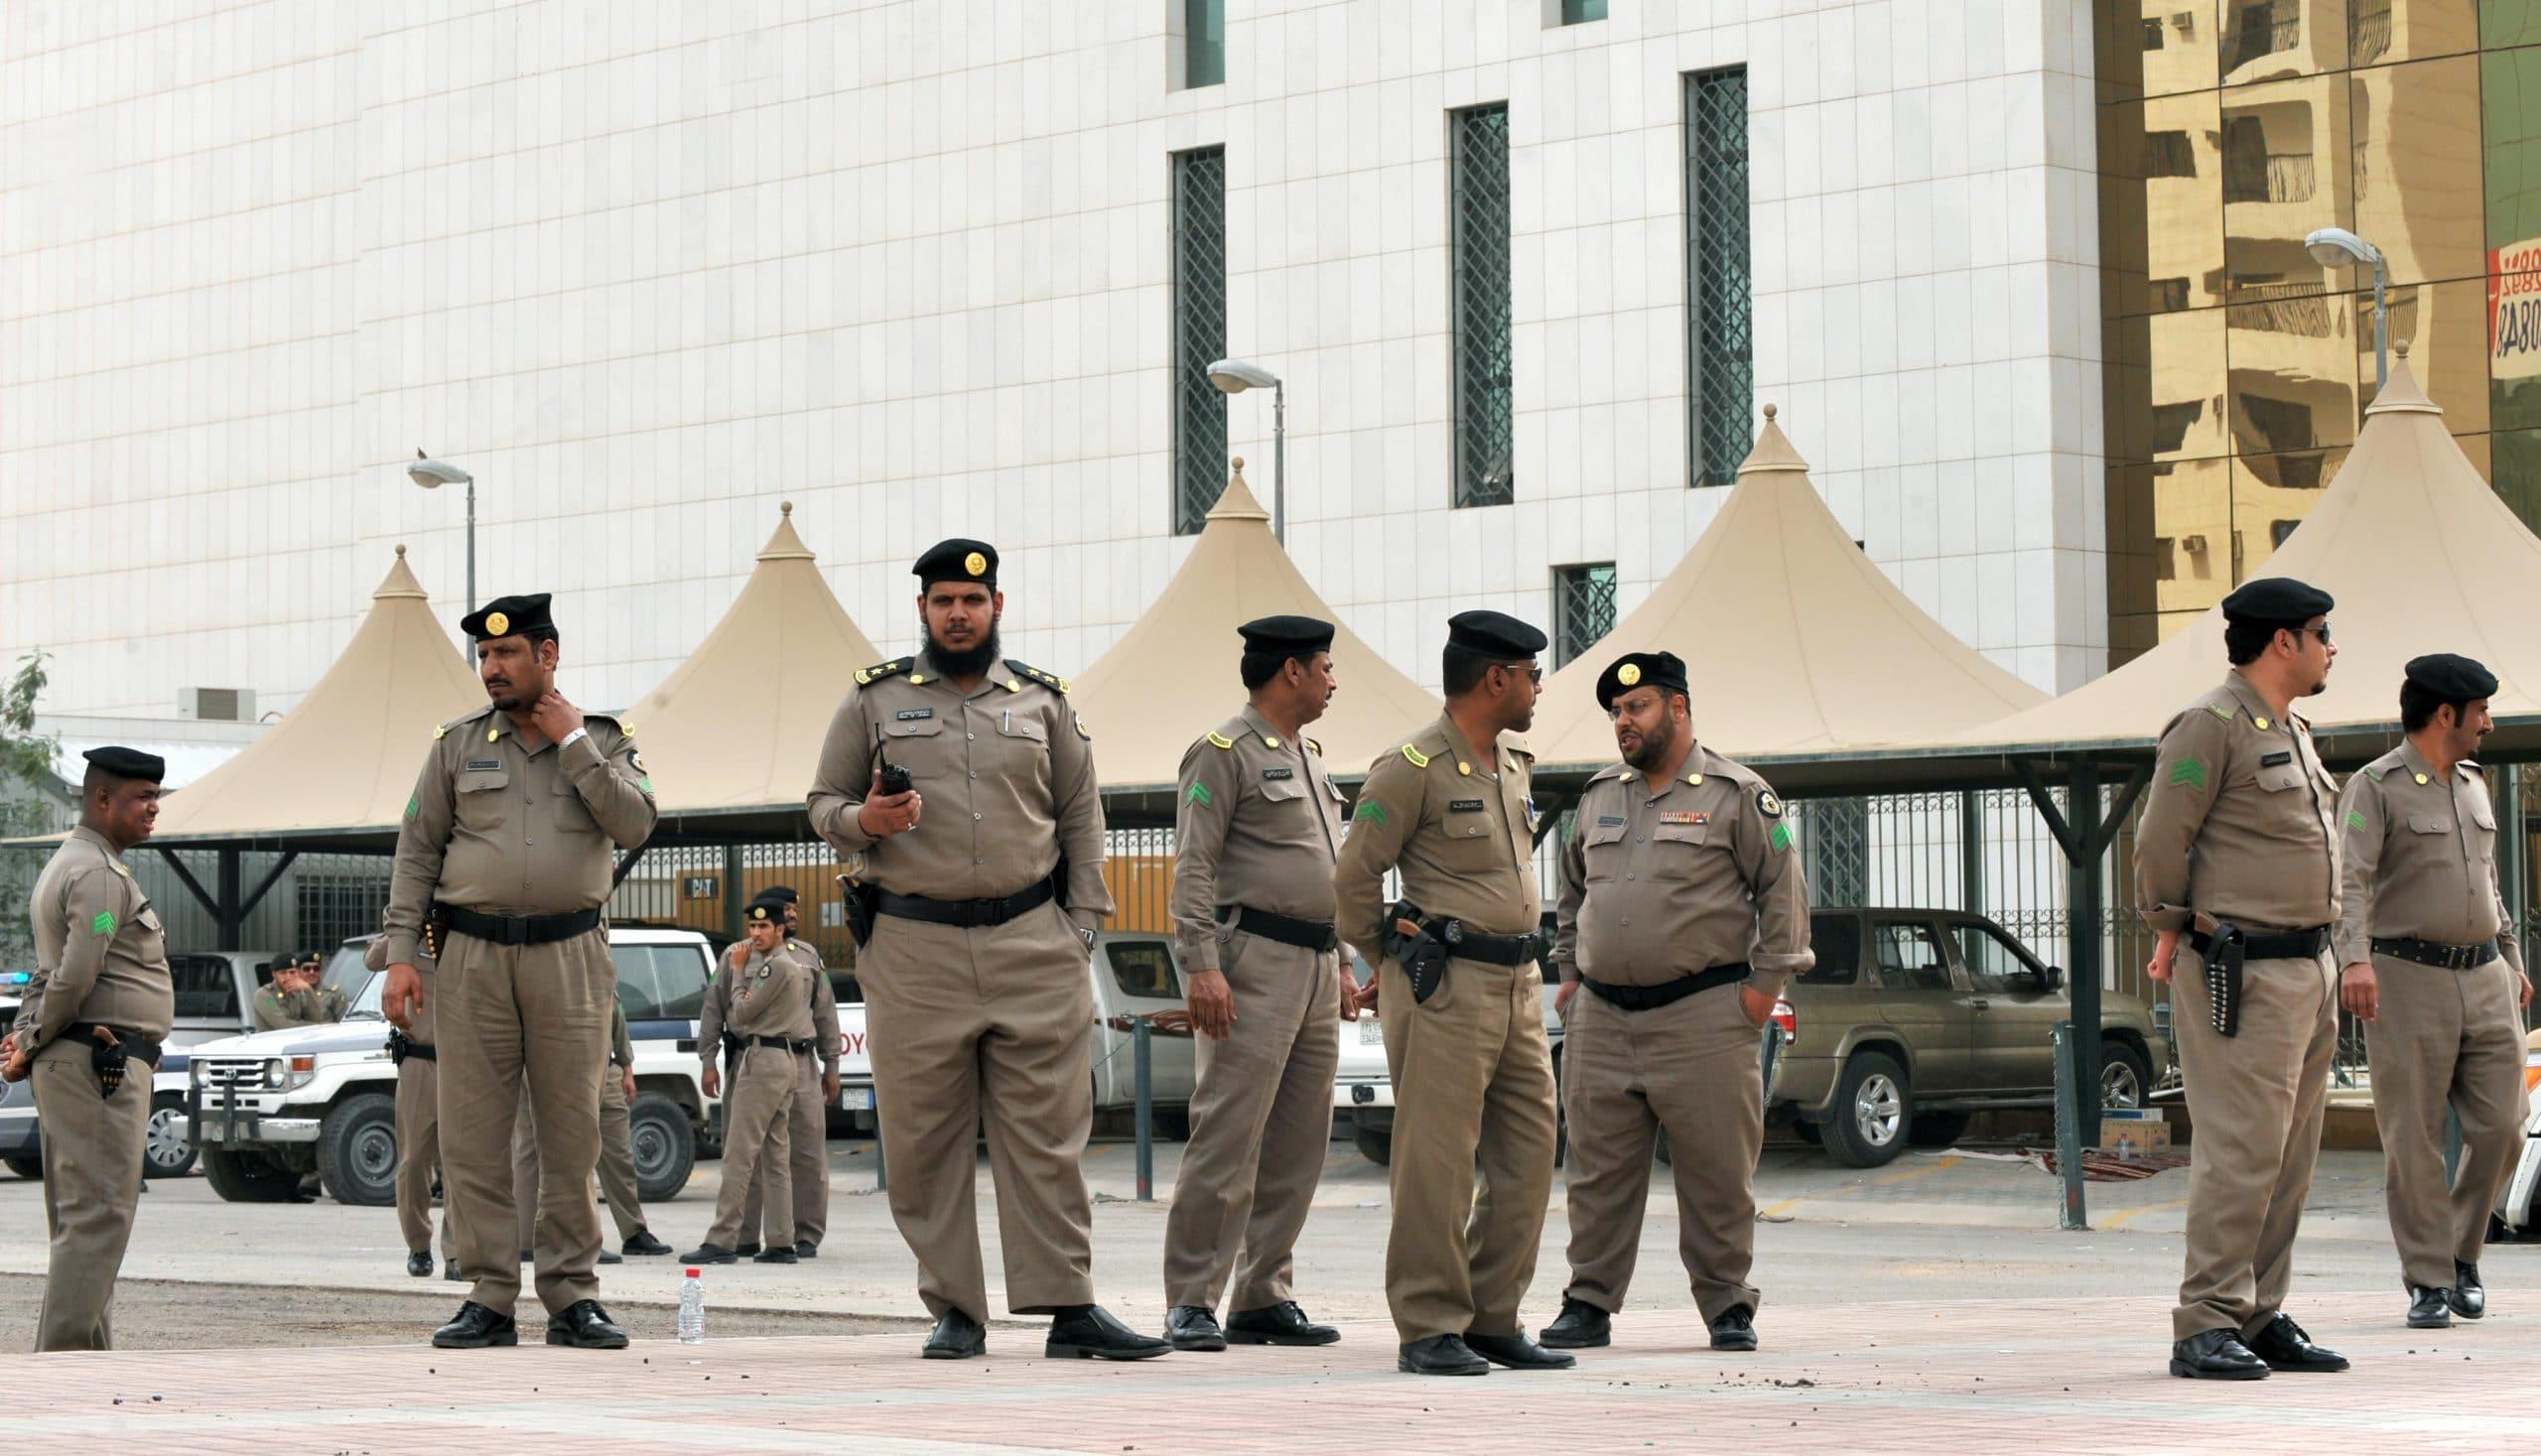 أمن الدولة السعودي يرفع كتابا وتوصية لديوان ولي العهد بشأن معتقلي الرأي